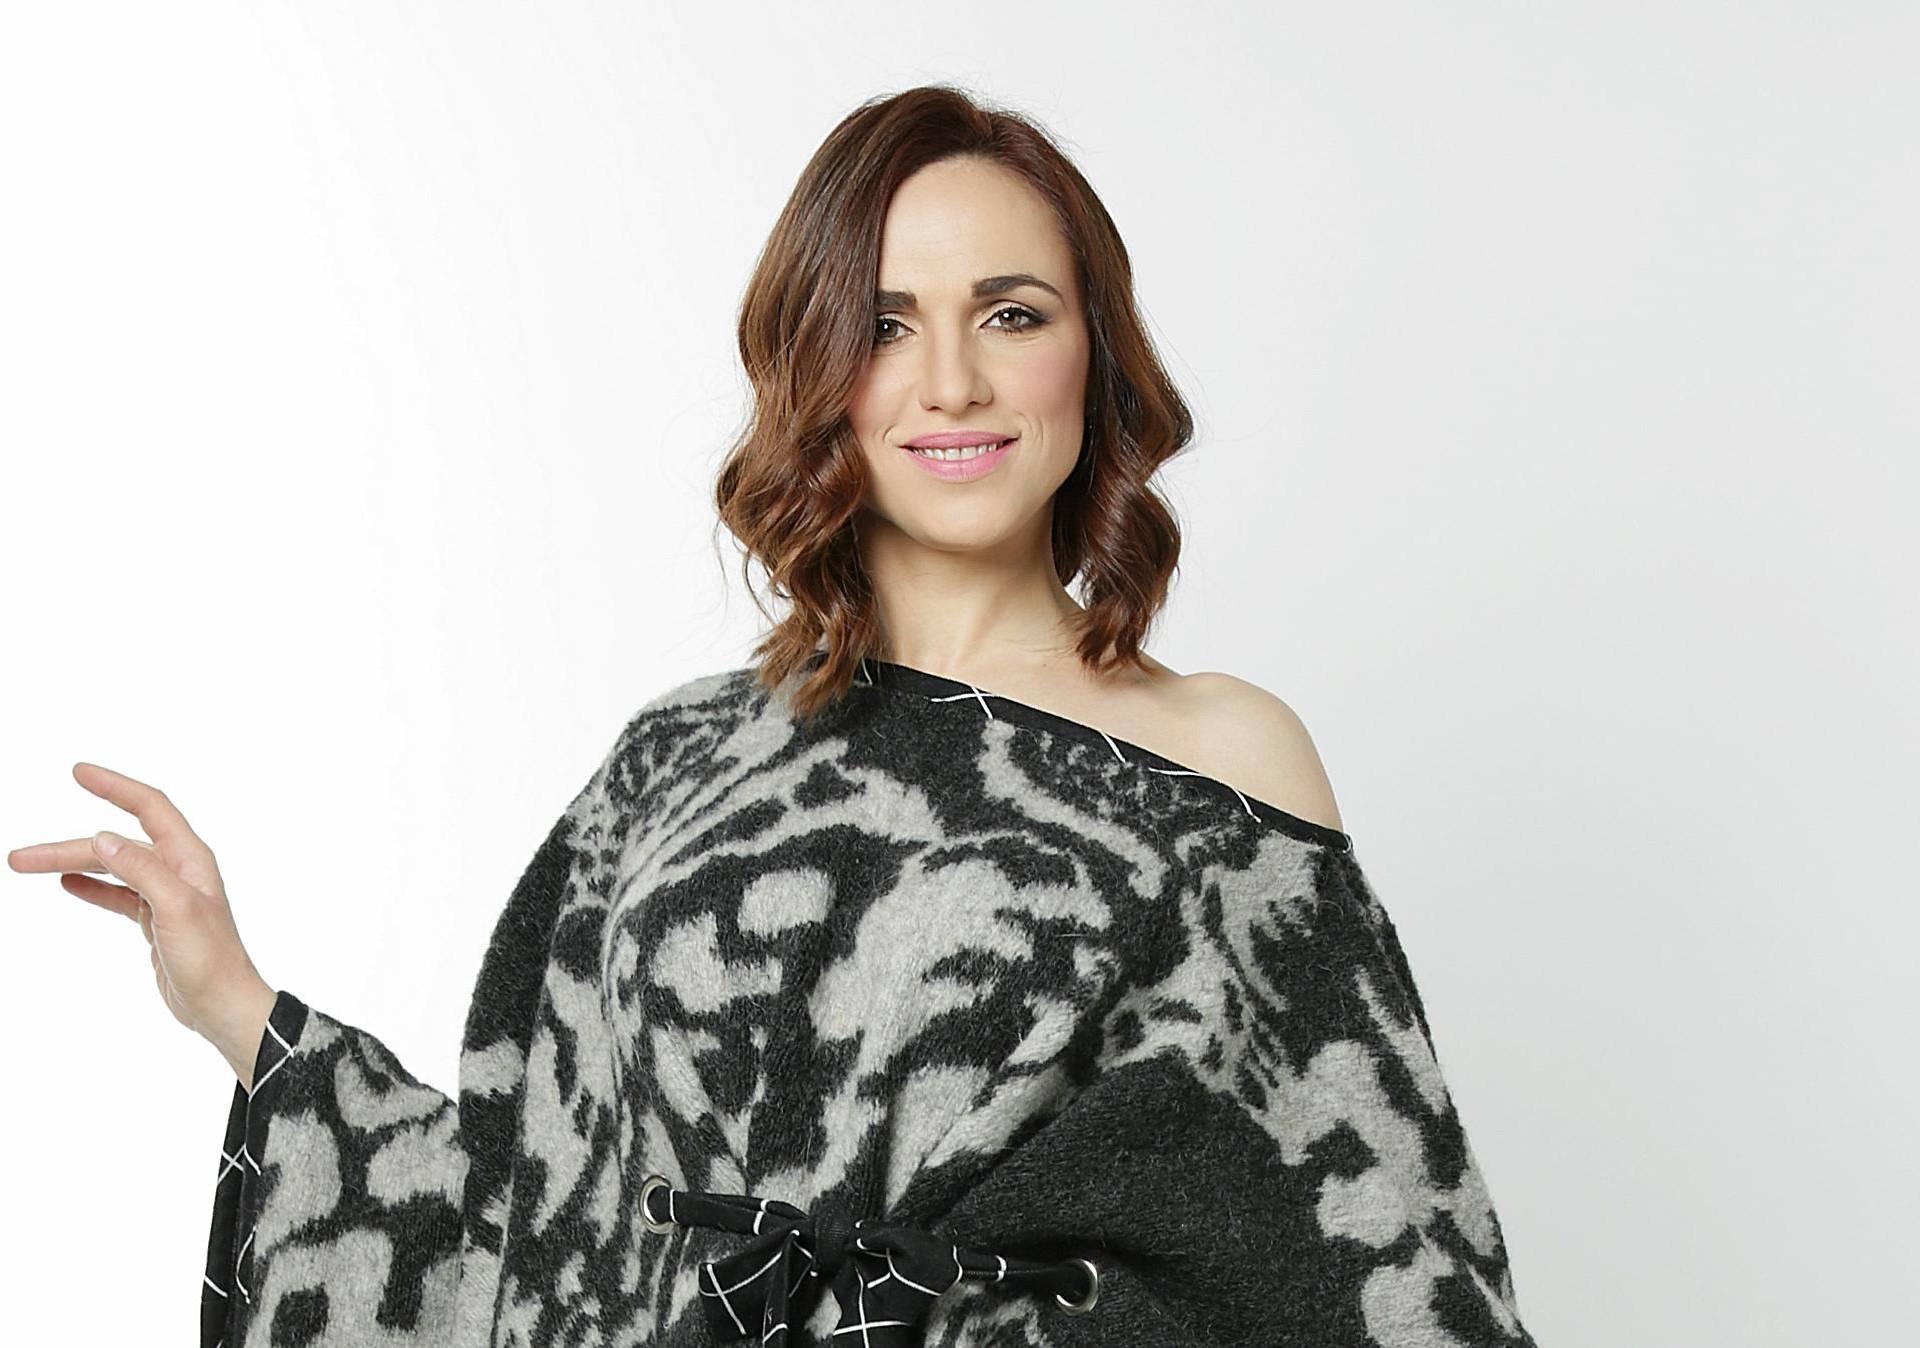 Marijana Mikulic